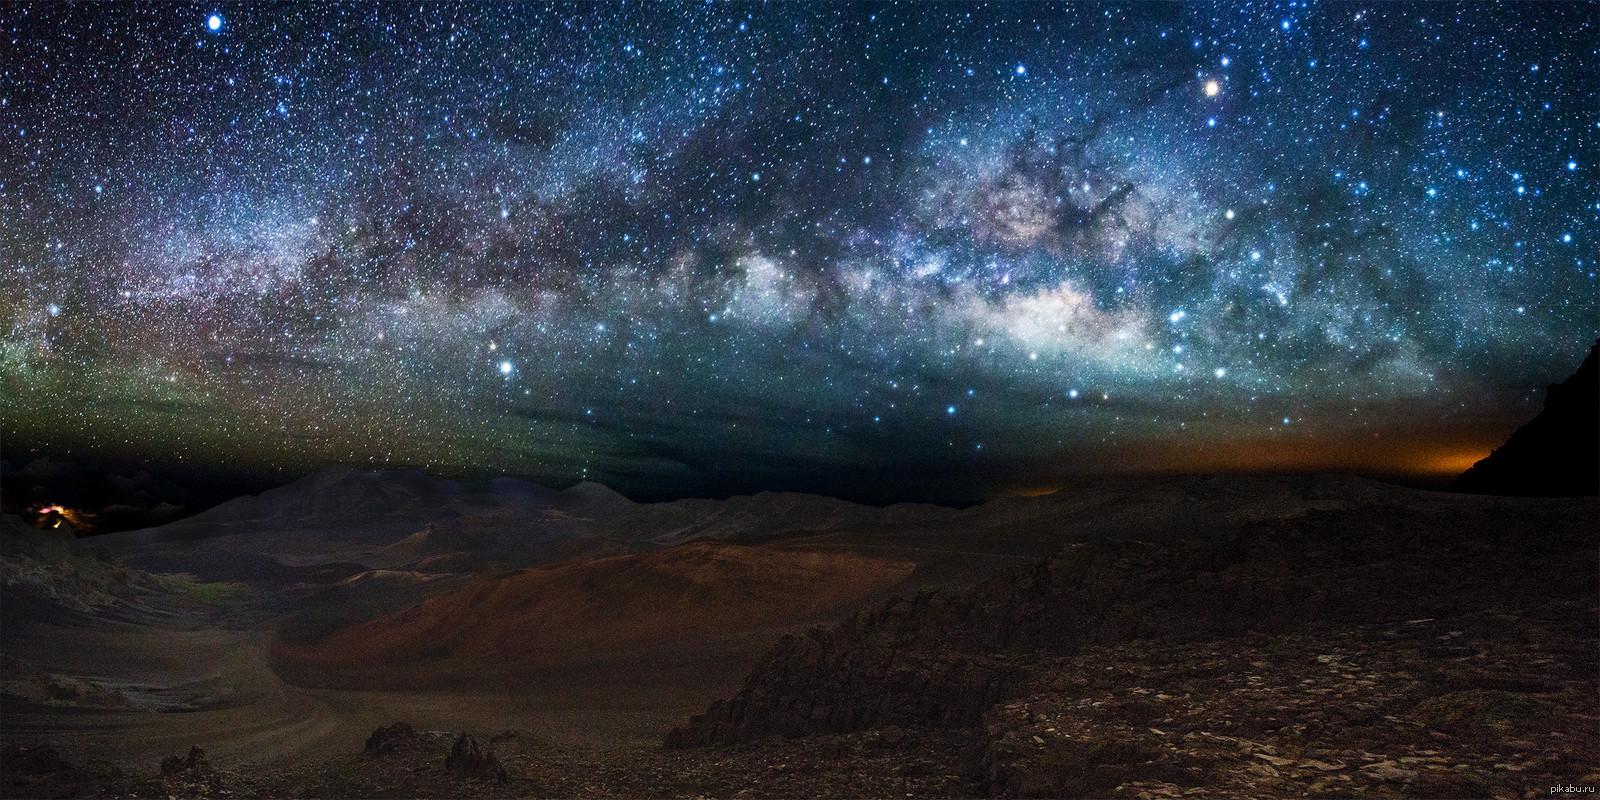 панорама космоса картинка чем проводить ремонт